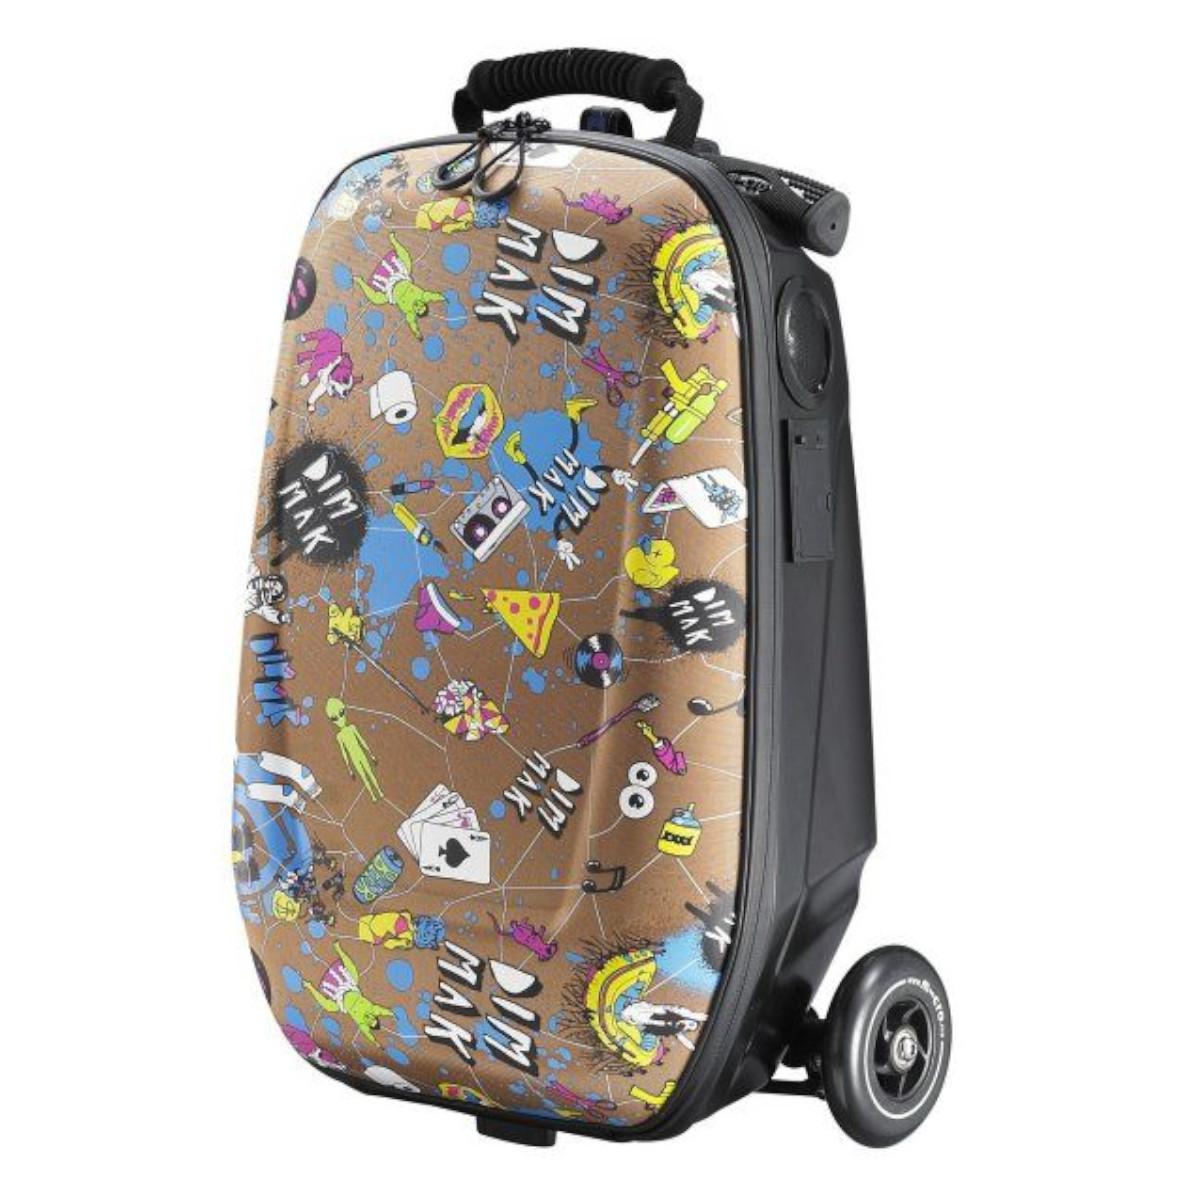 Micro Luggage II - Steve Aoki Sound2go - 02